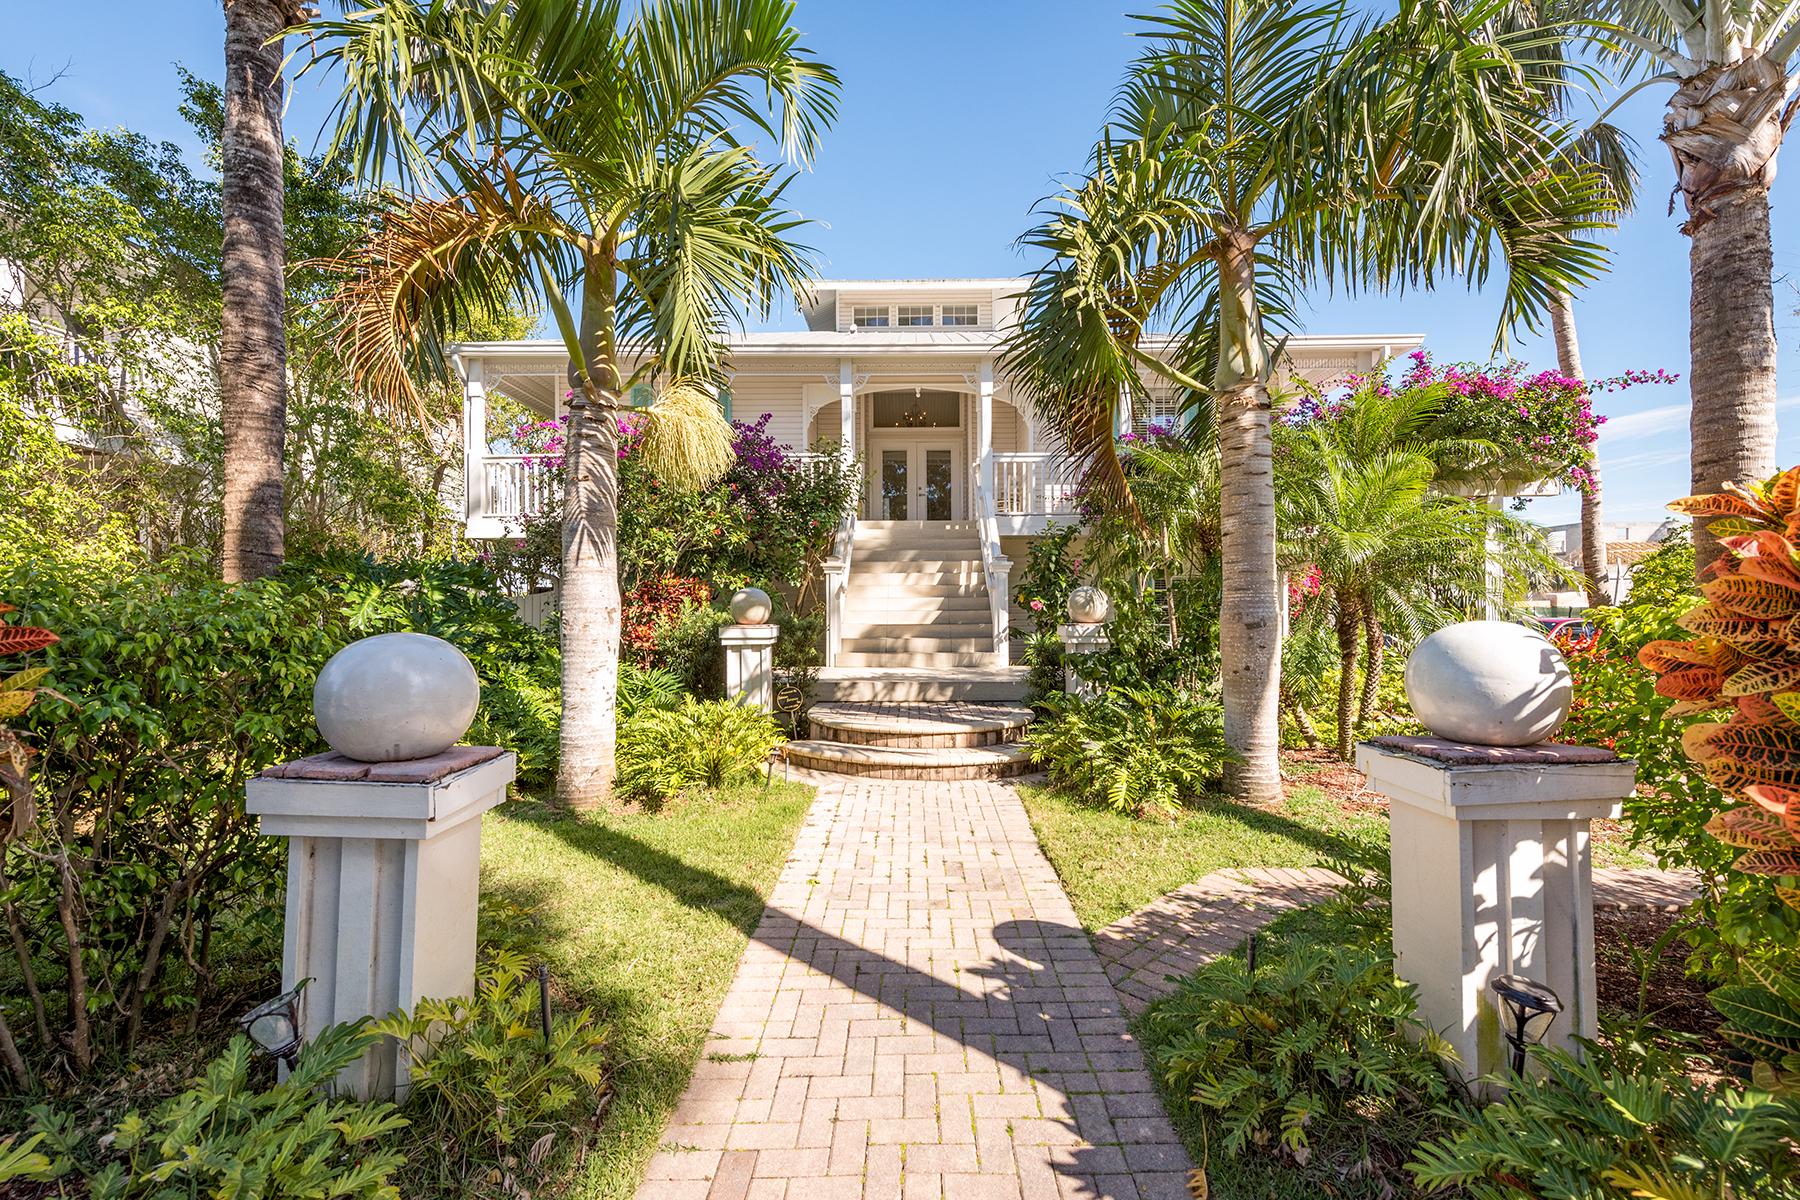 Maison unifamiliale pour l Vente à OLDE NAPLES 877 7th St S, Old Naples, Naples, Florida, 34102 États-Unis